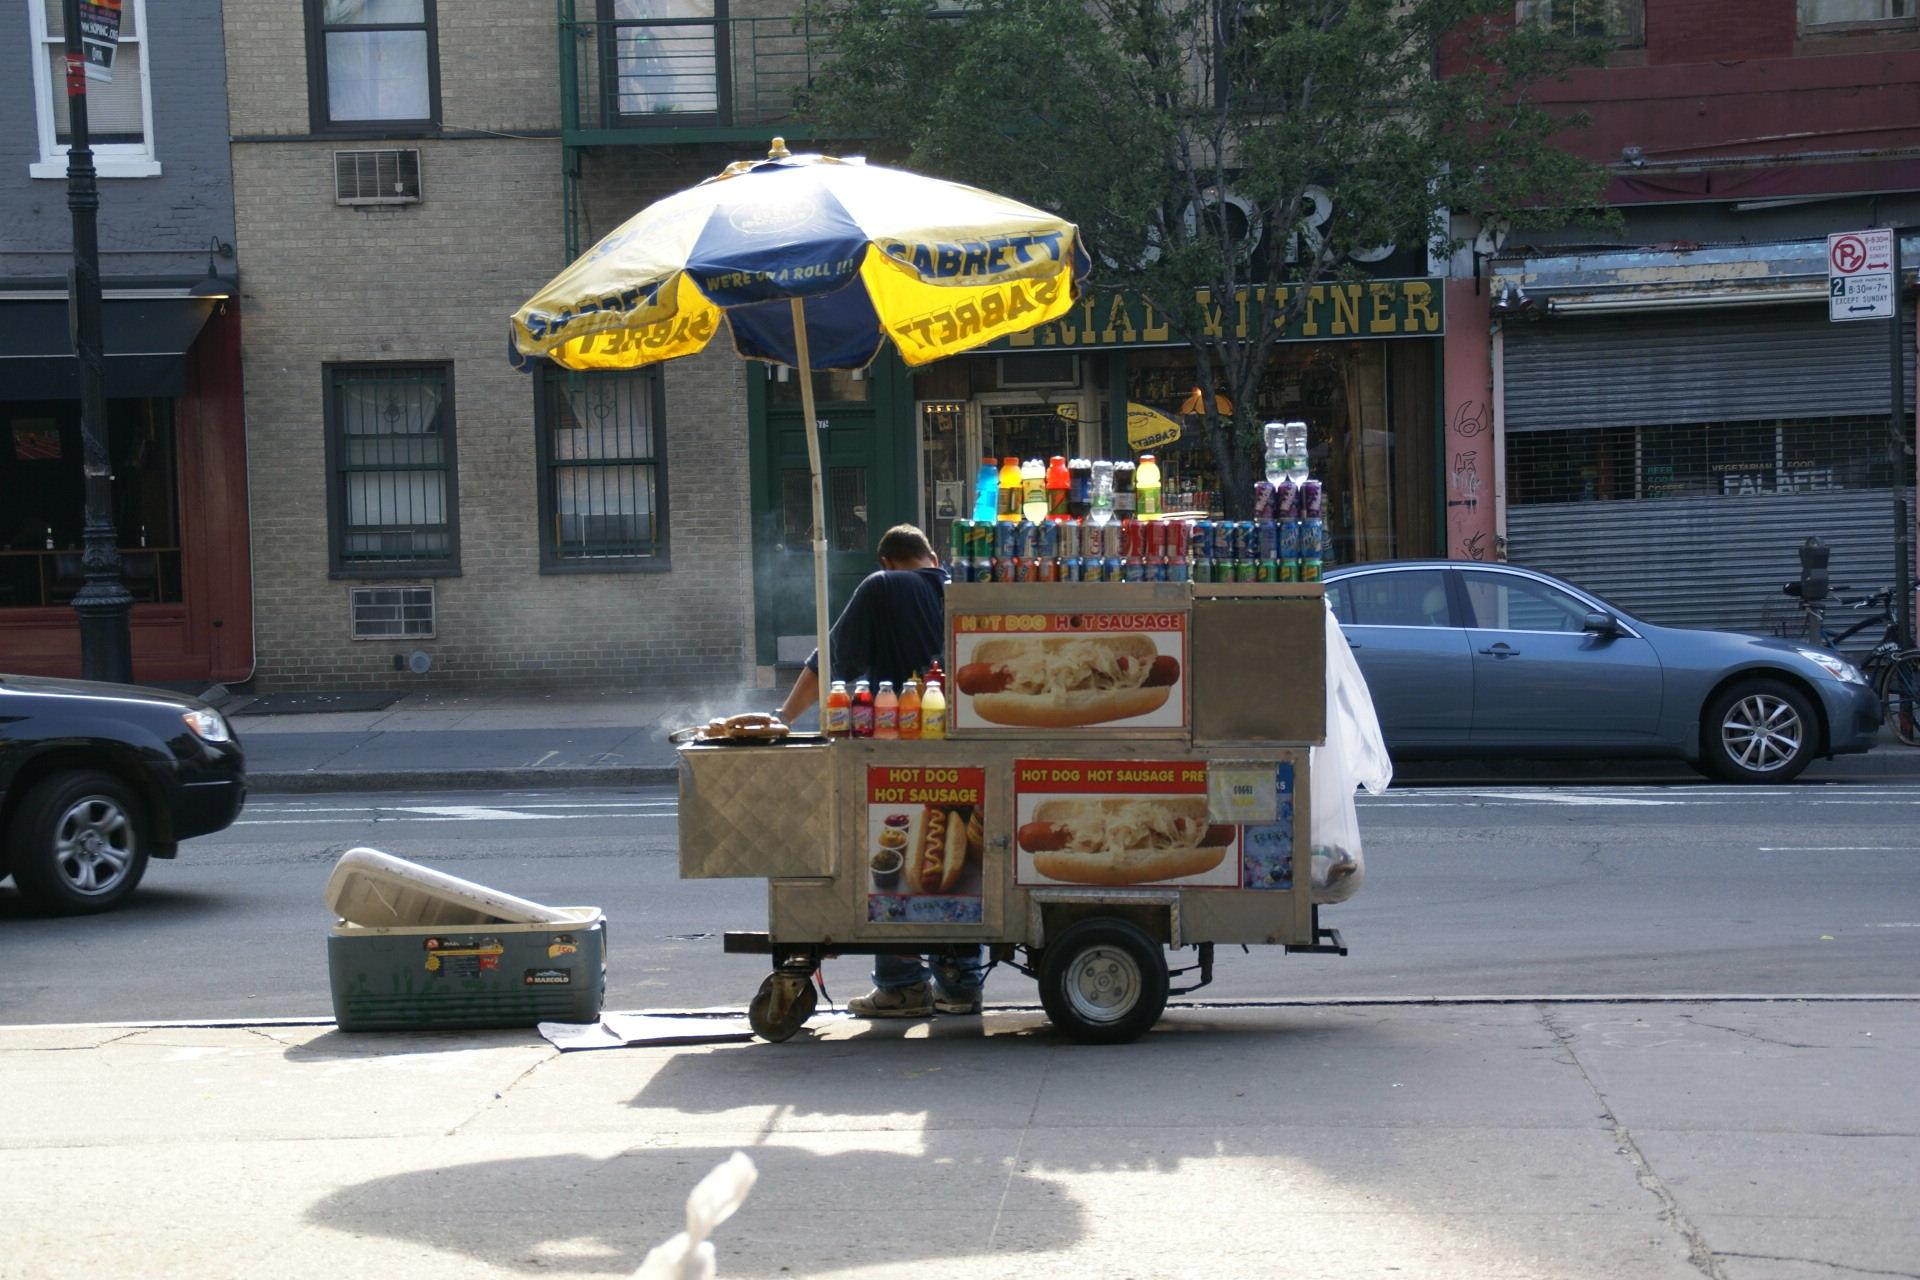 Hot Dog Vendor Near Me